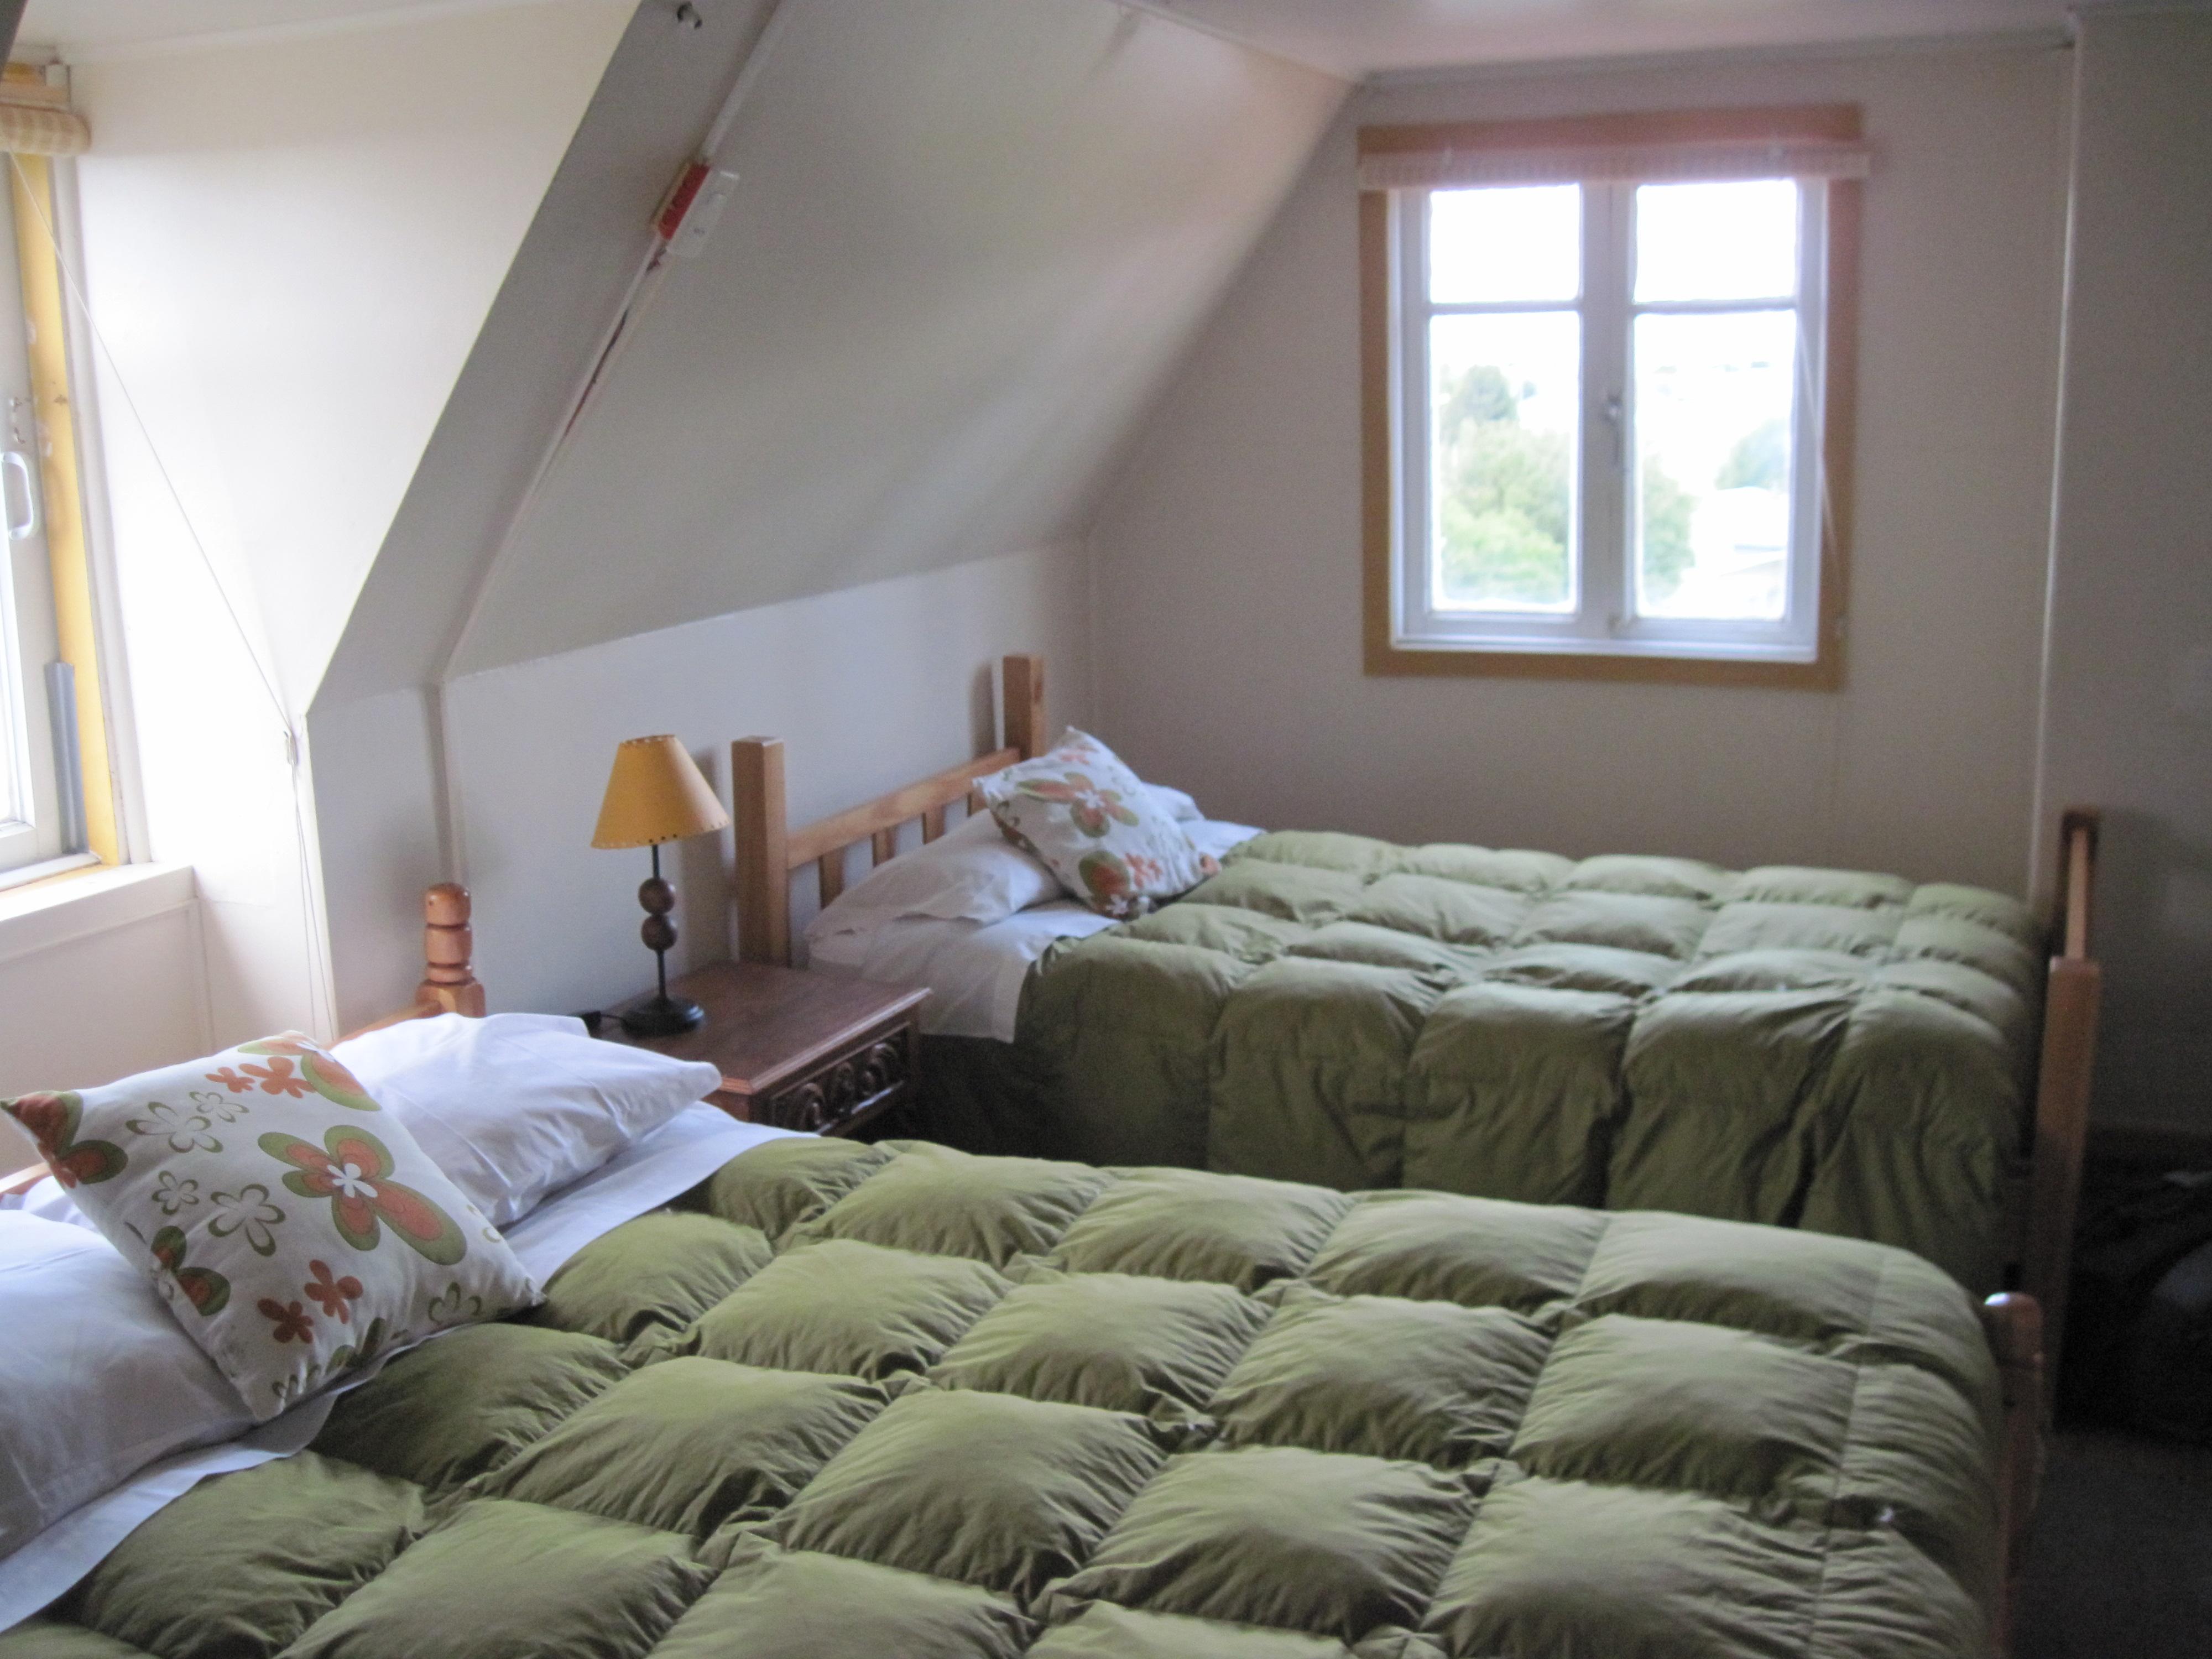 Hostel Keoken